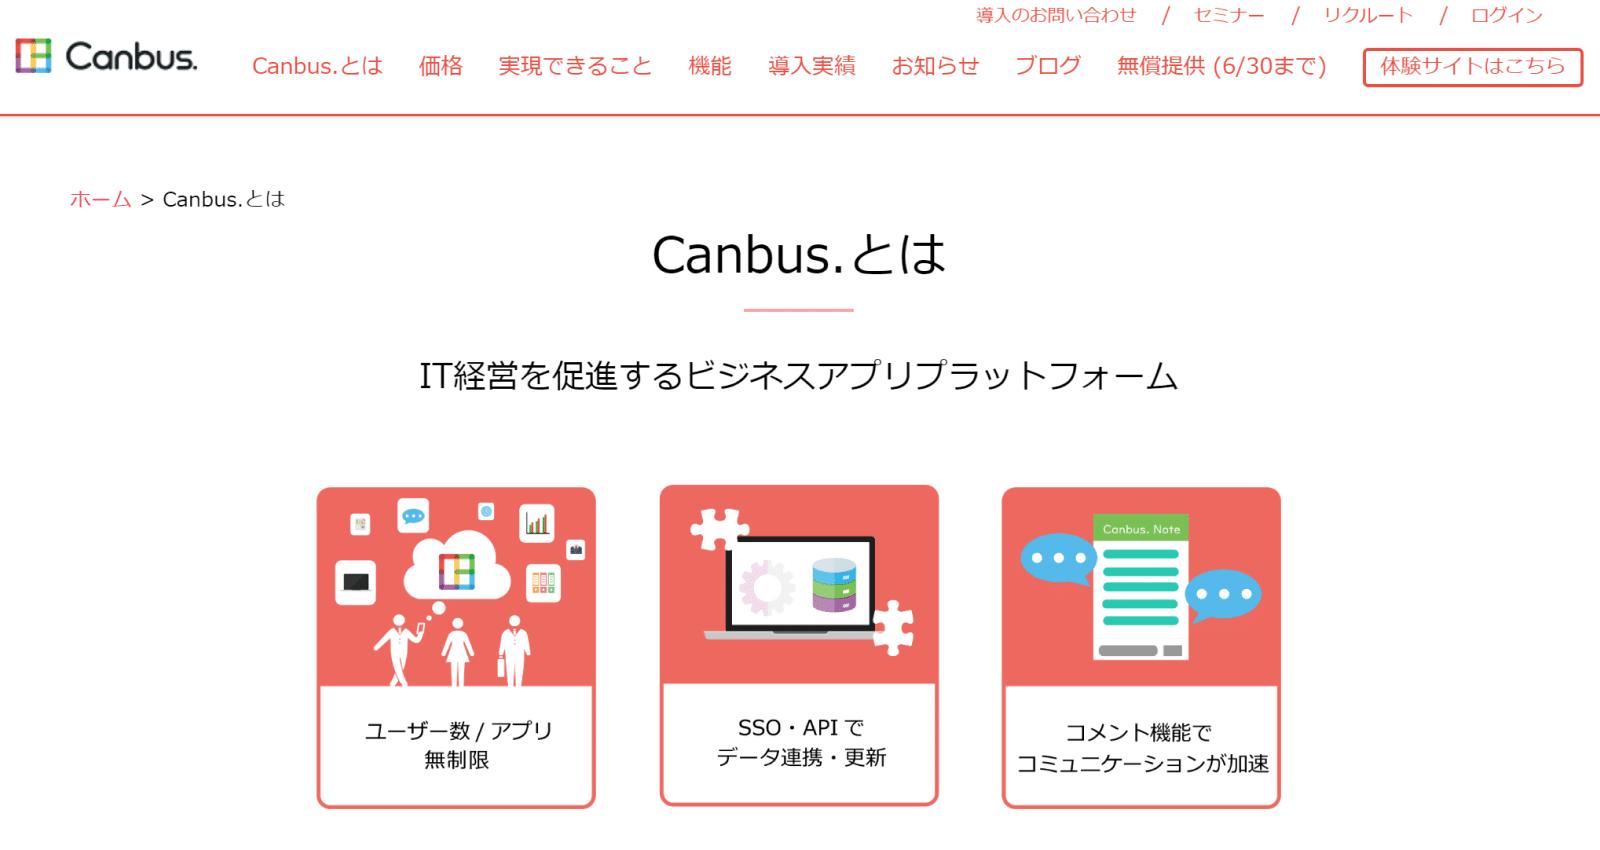 Canbusのスクリーンショット